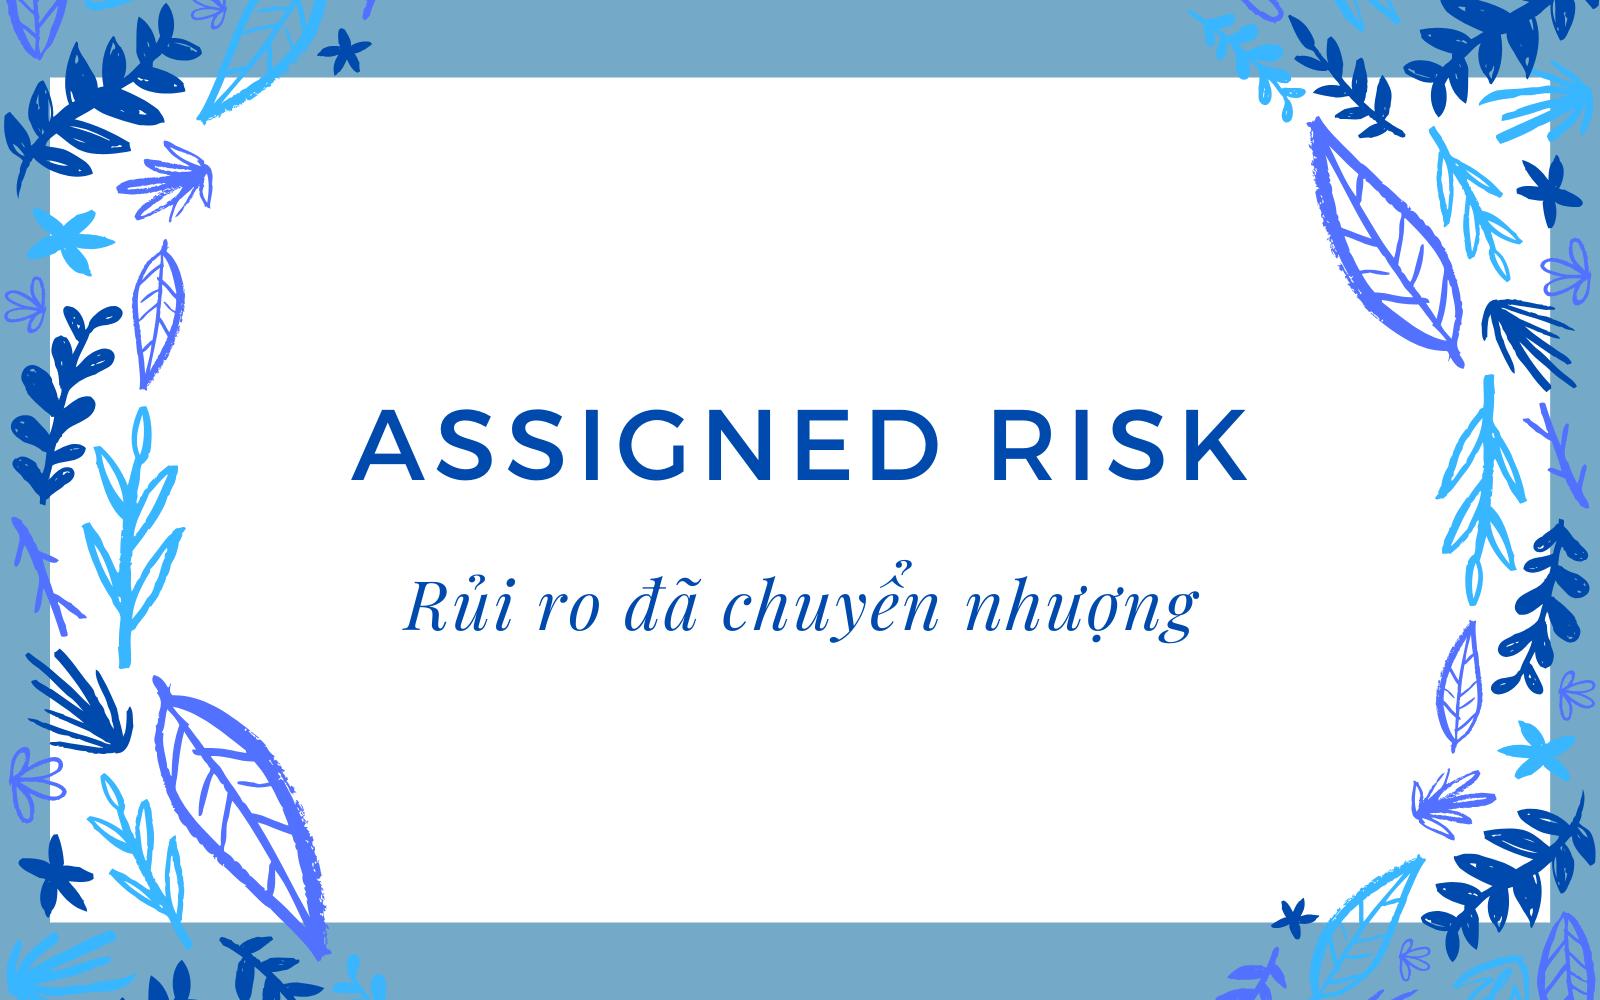 Rủi ro đã chuyển nhượng (Assigned Risk) là gì? Nội dung về Rủi ro đã chuyển nhượng - Ảnh 1.